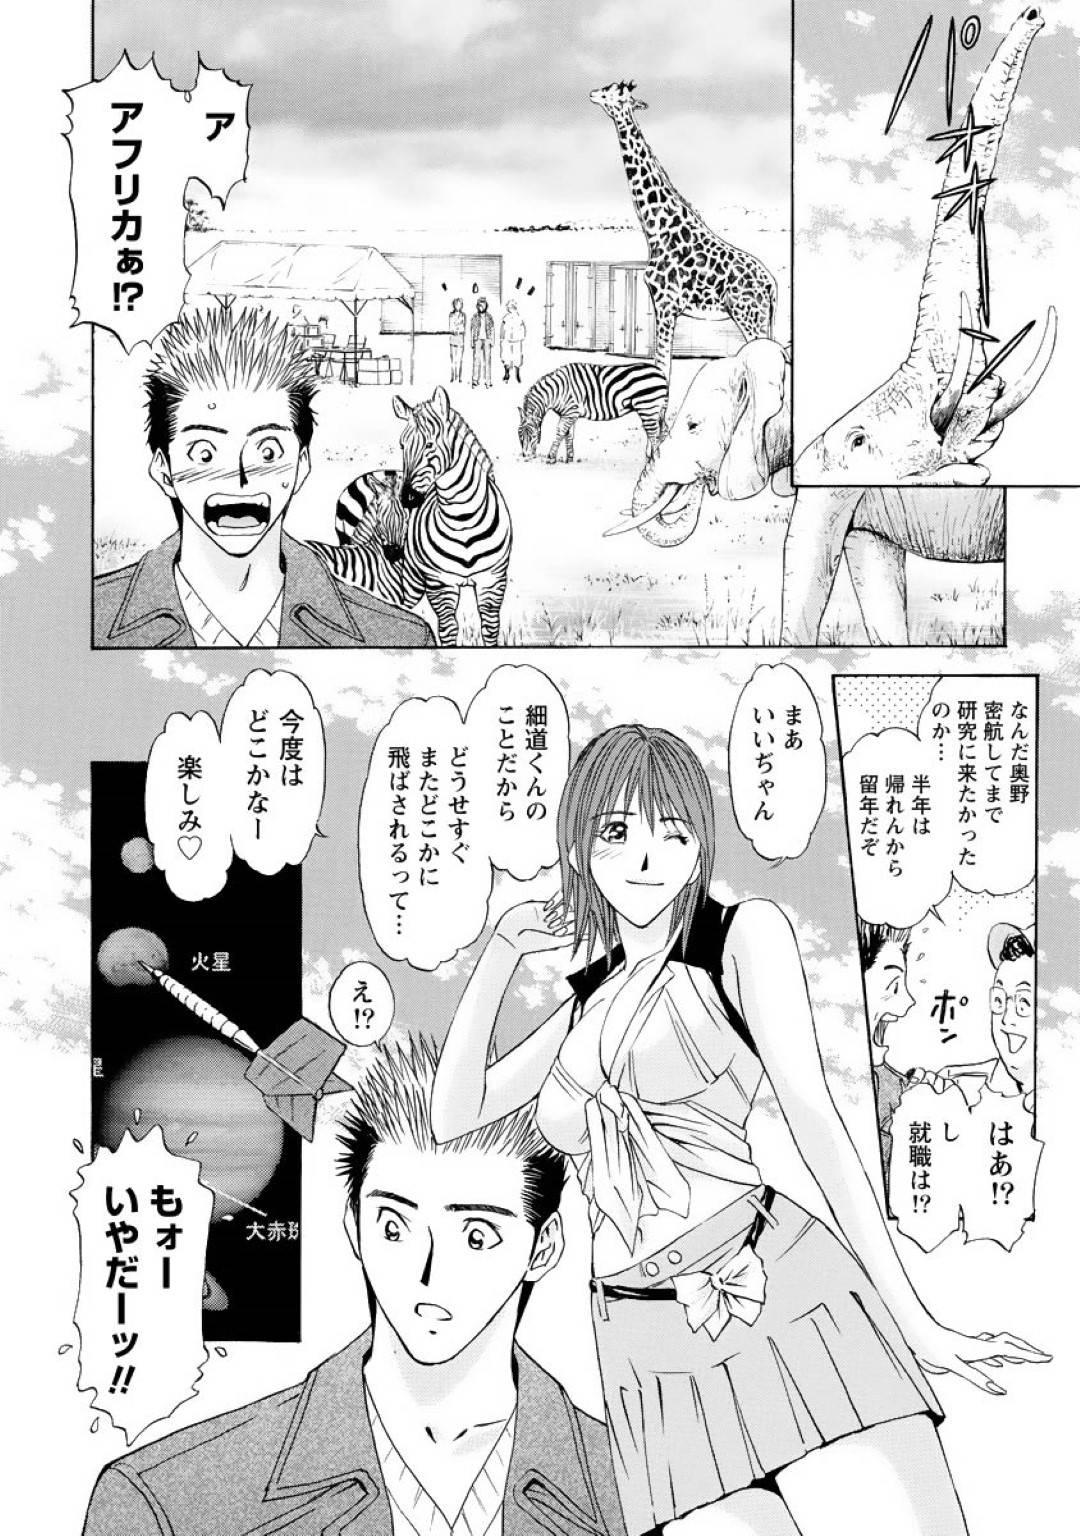 【JDいちゃラブエロ漫画】東京の大学に戻る主人公は旅行中に知り合った美女と再会する。再会を喜び、大学のコンテナでフェラやクンニしイチャラブ生ハメセックスでイキまくる。【安達拓実】